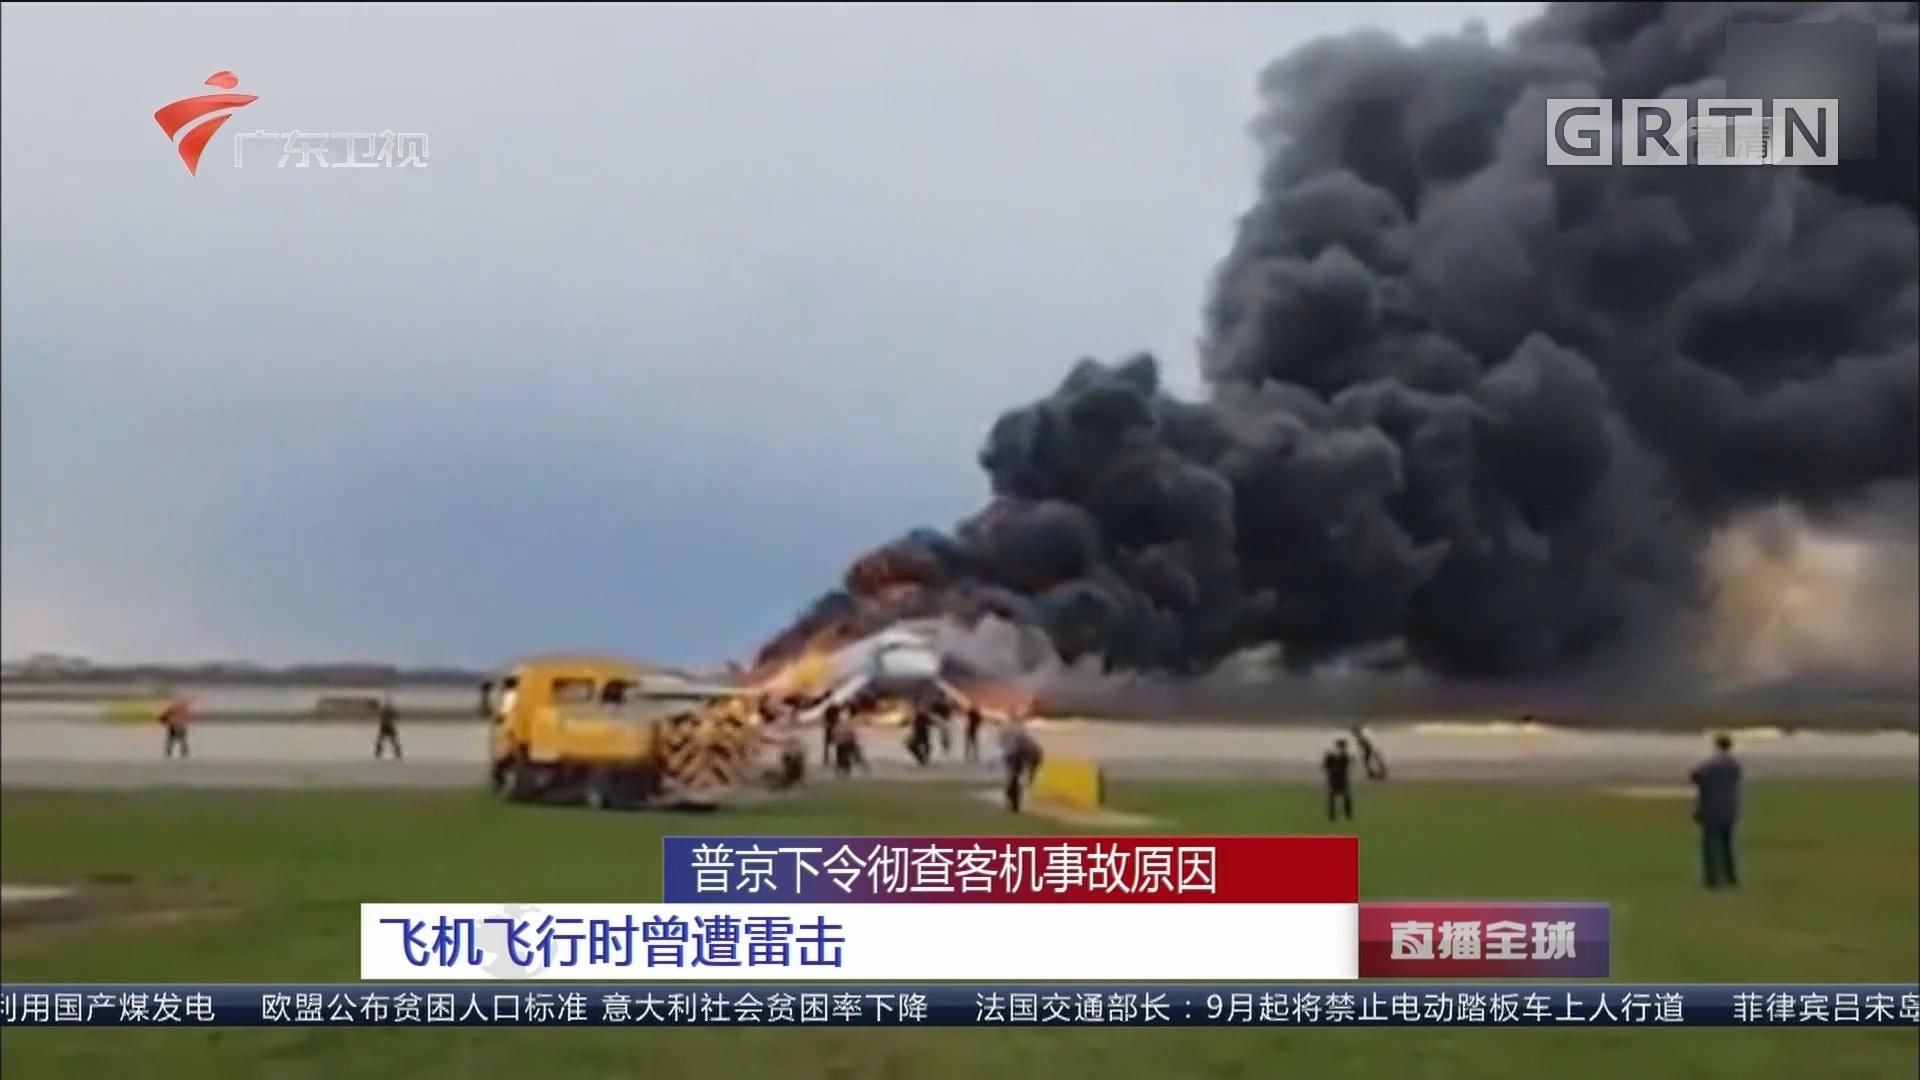 普京下令彻查客机事故原因:飞机飞行时曾遭雷击